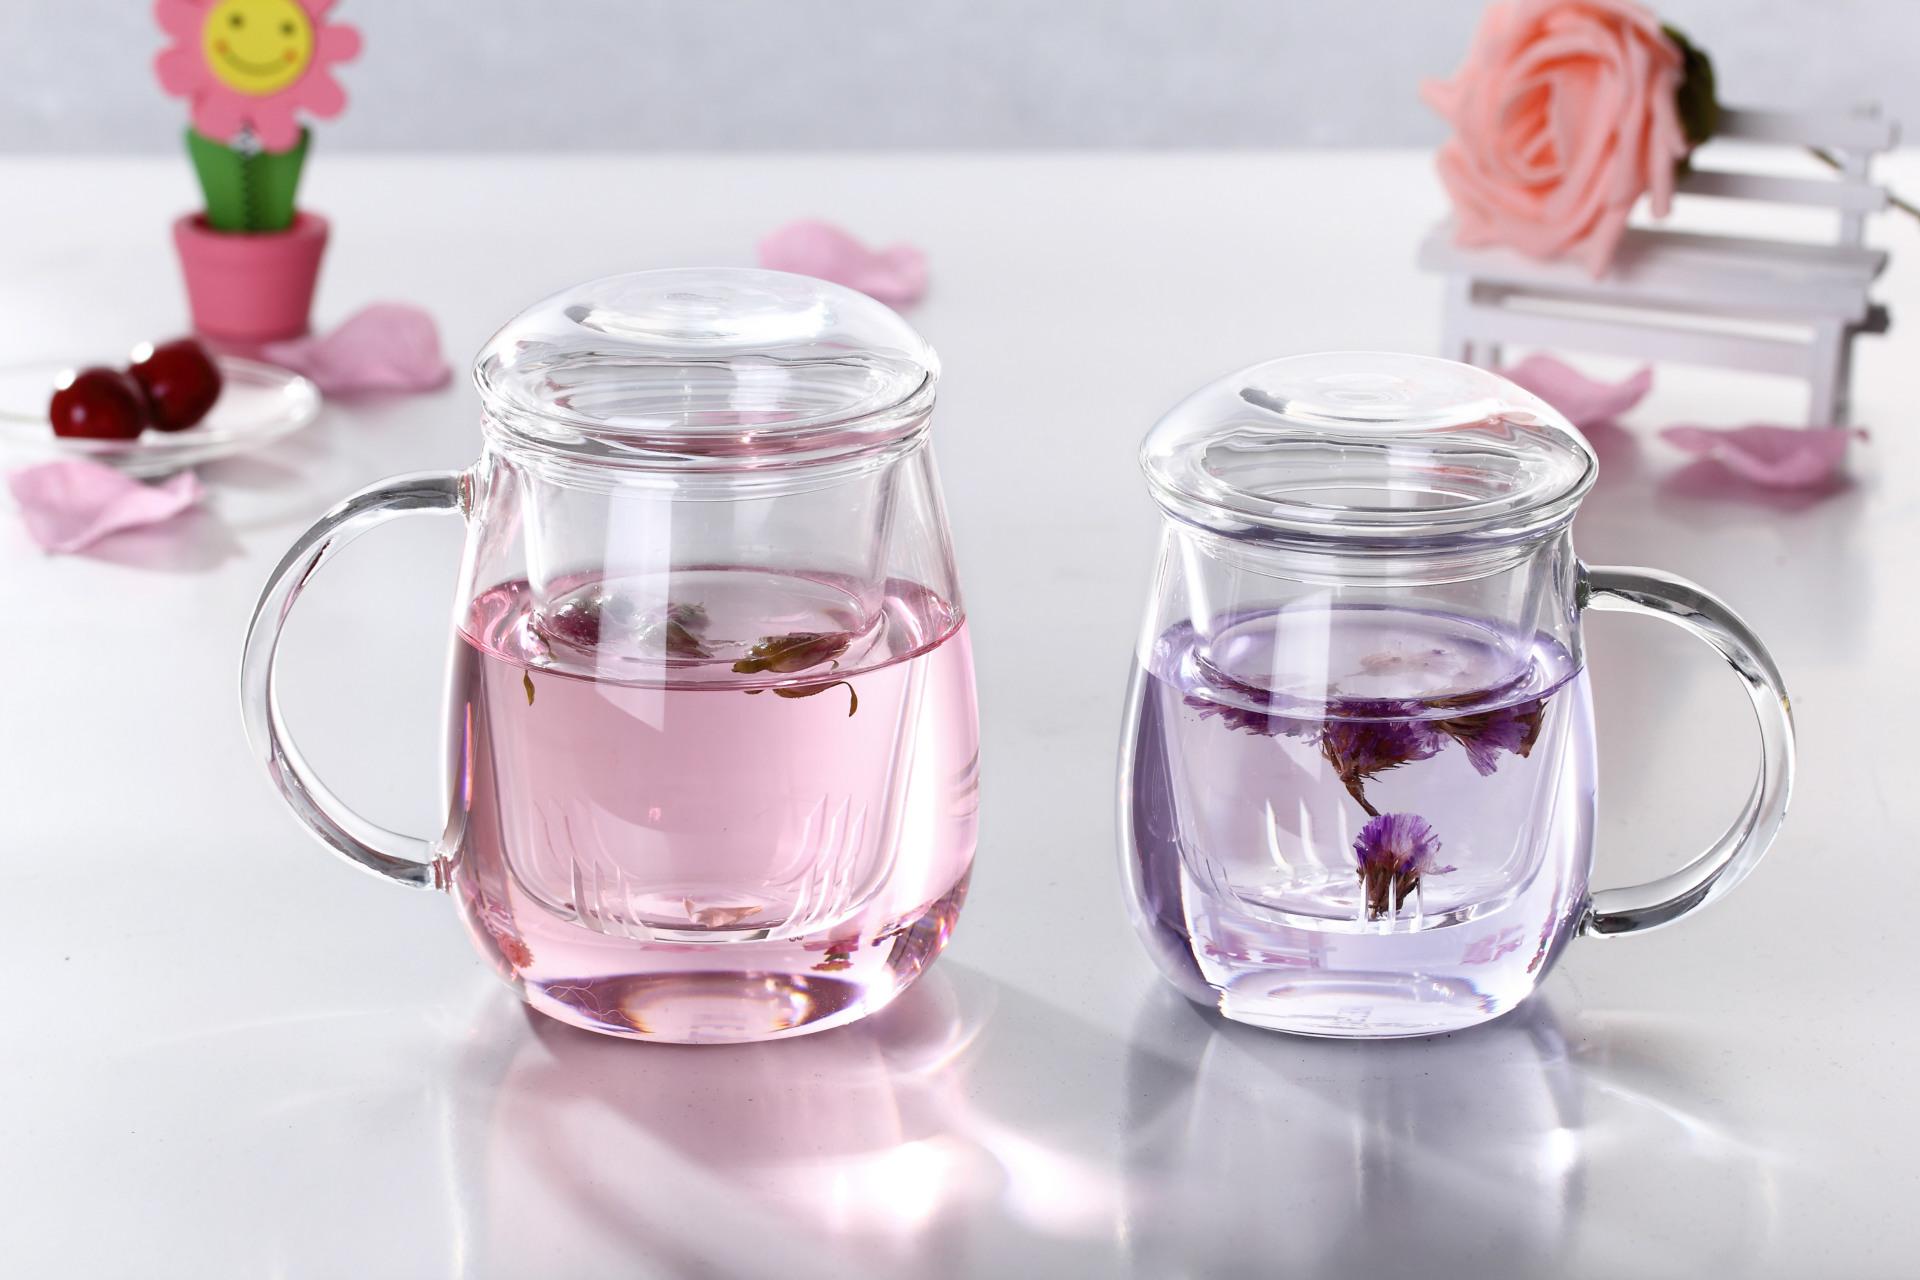 盛夏饮水选对杯子 玻璃杯、陶瓷杯相对安全